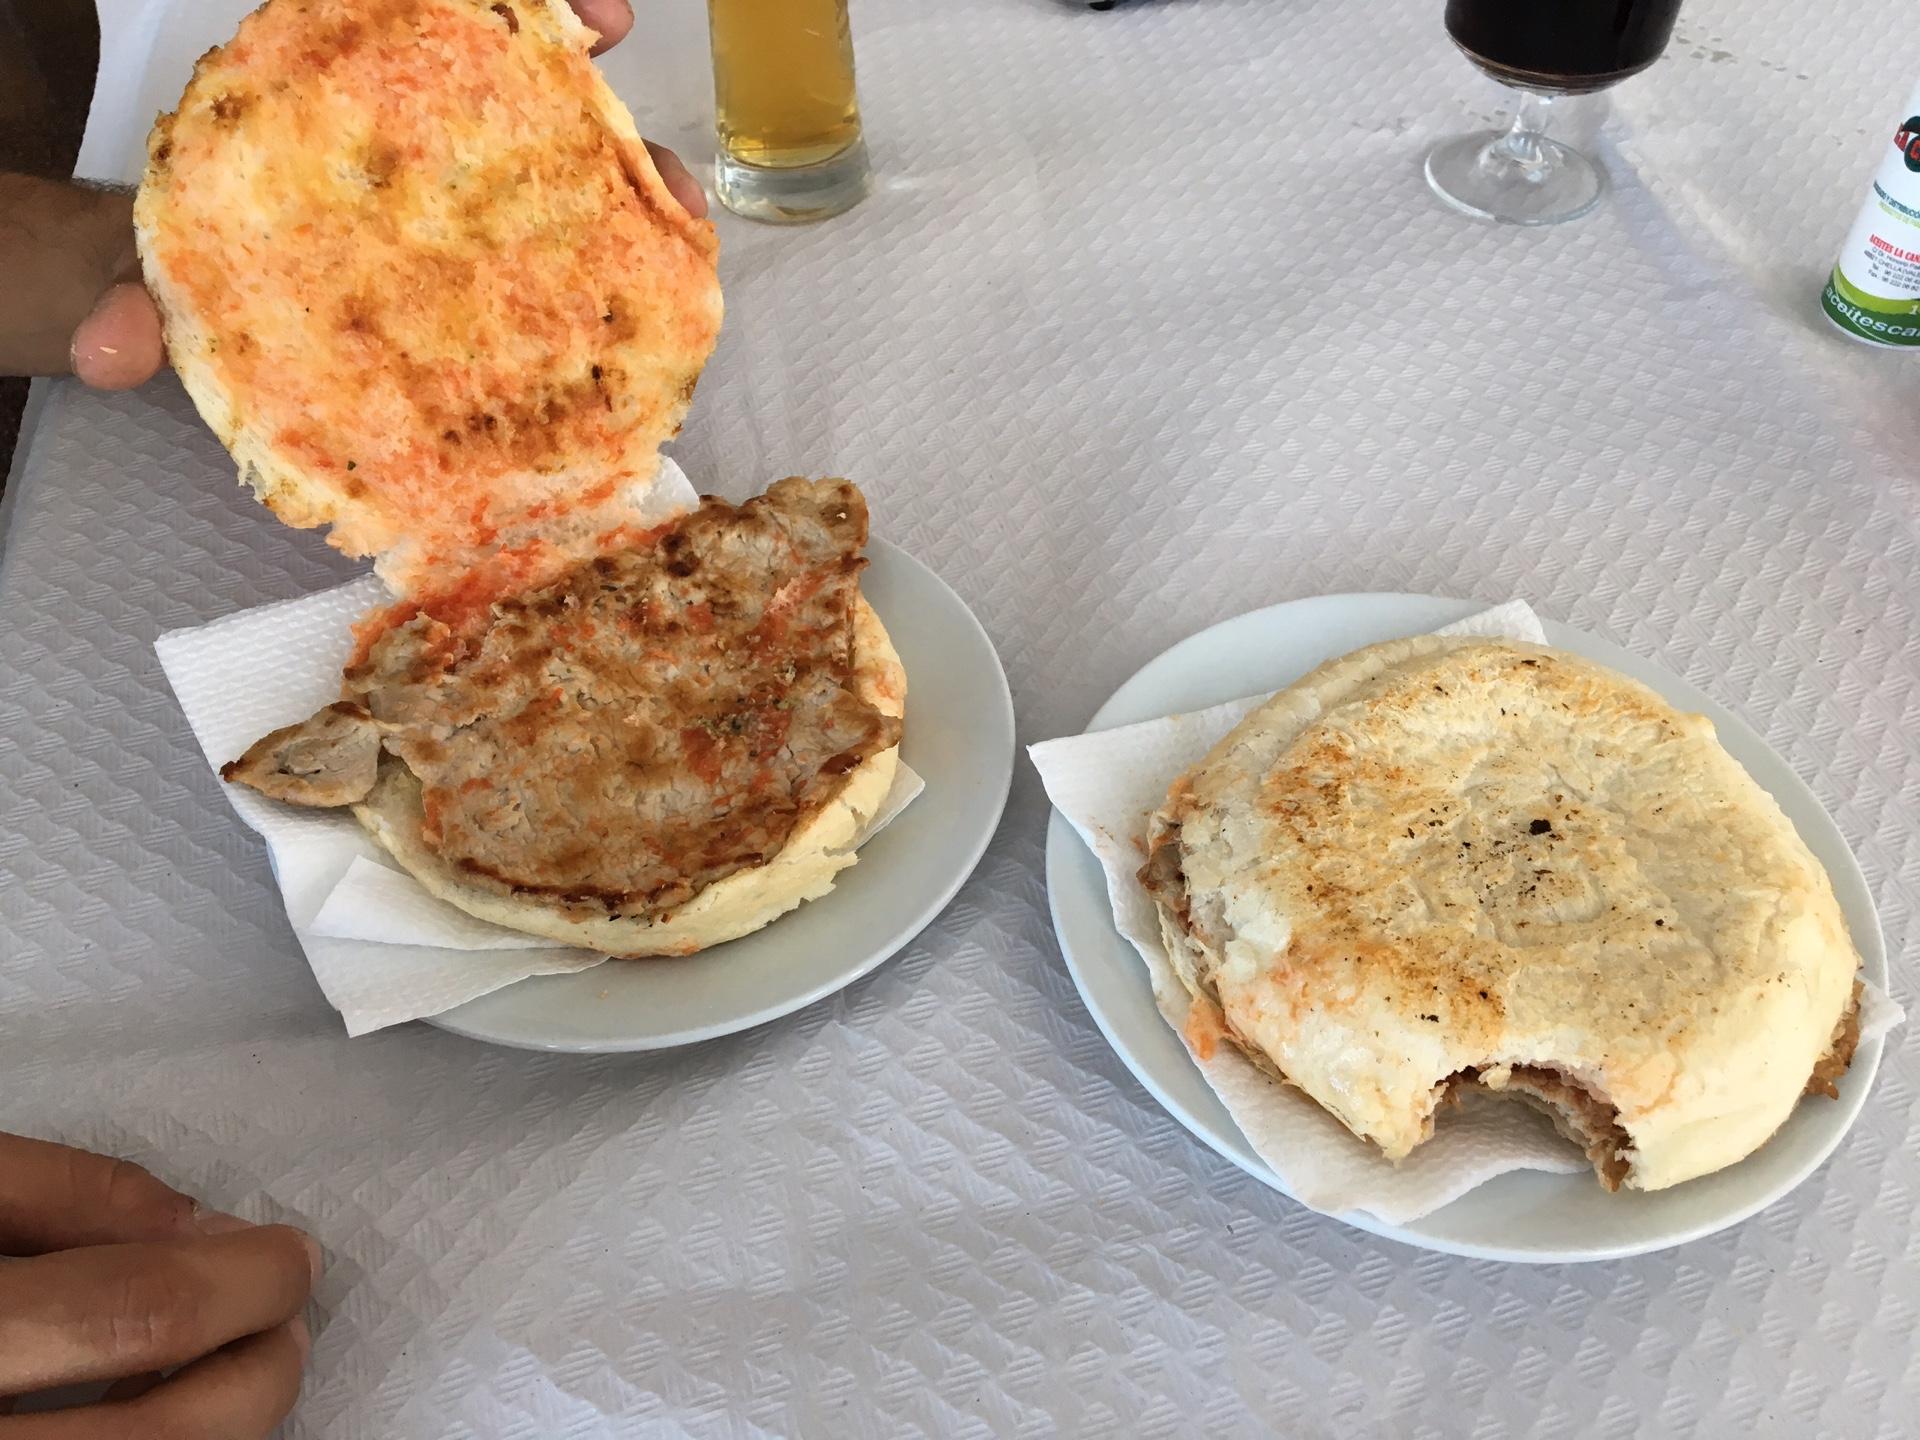 Bocadillo con carne in Alberic, Valencia